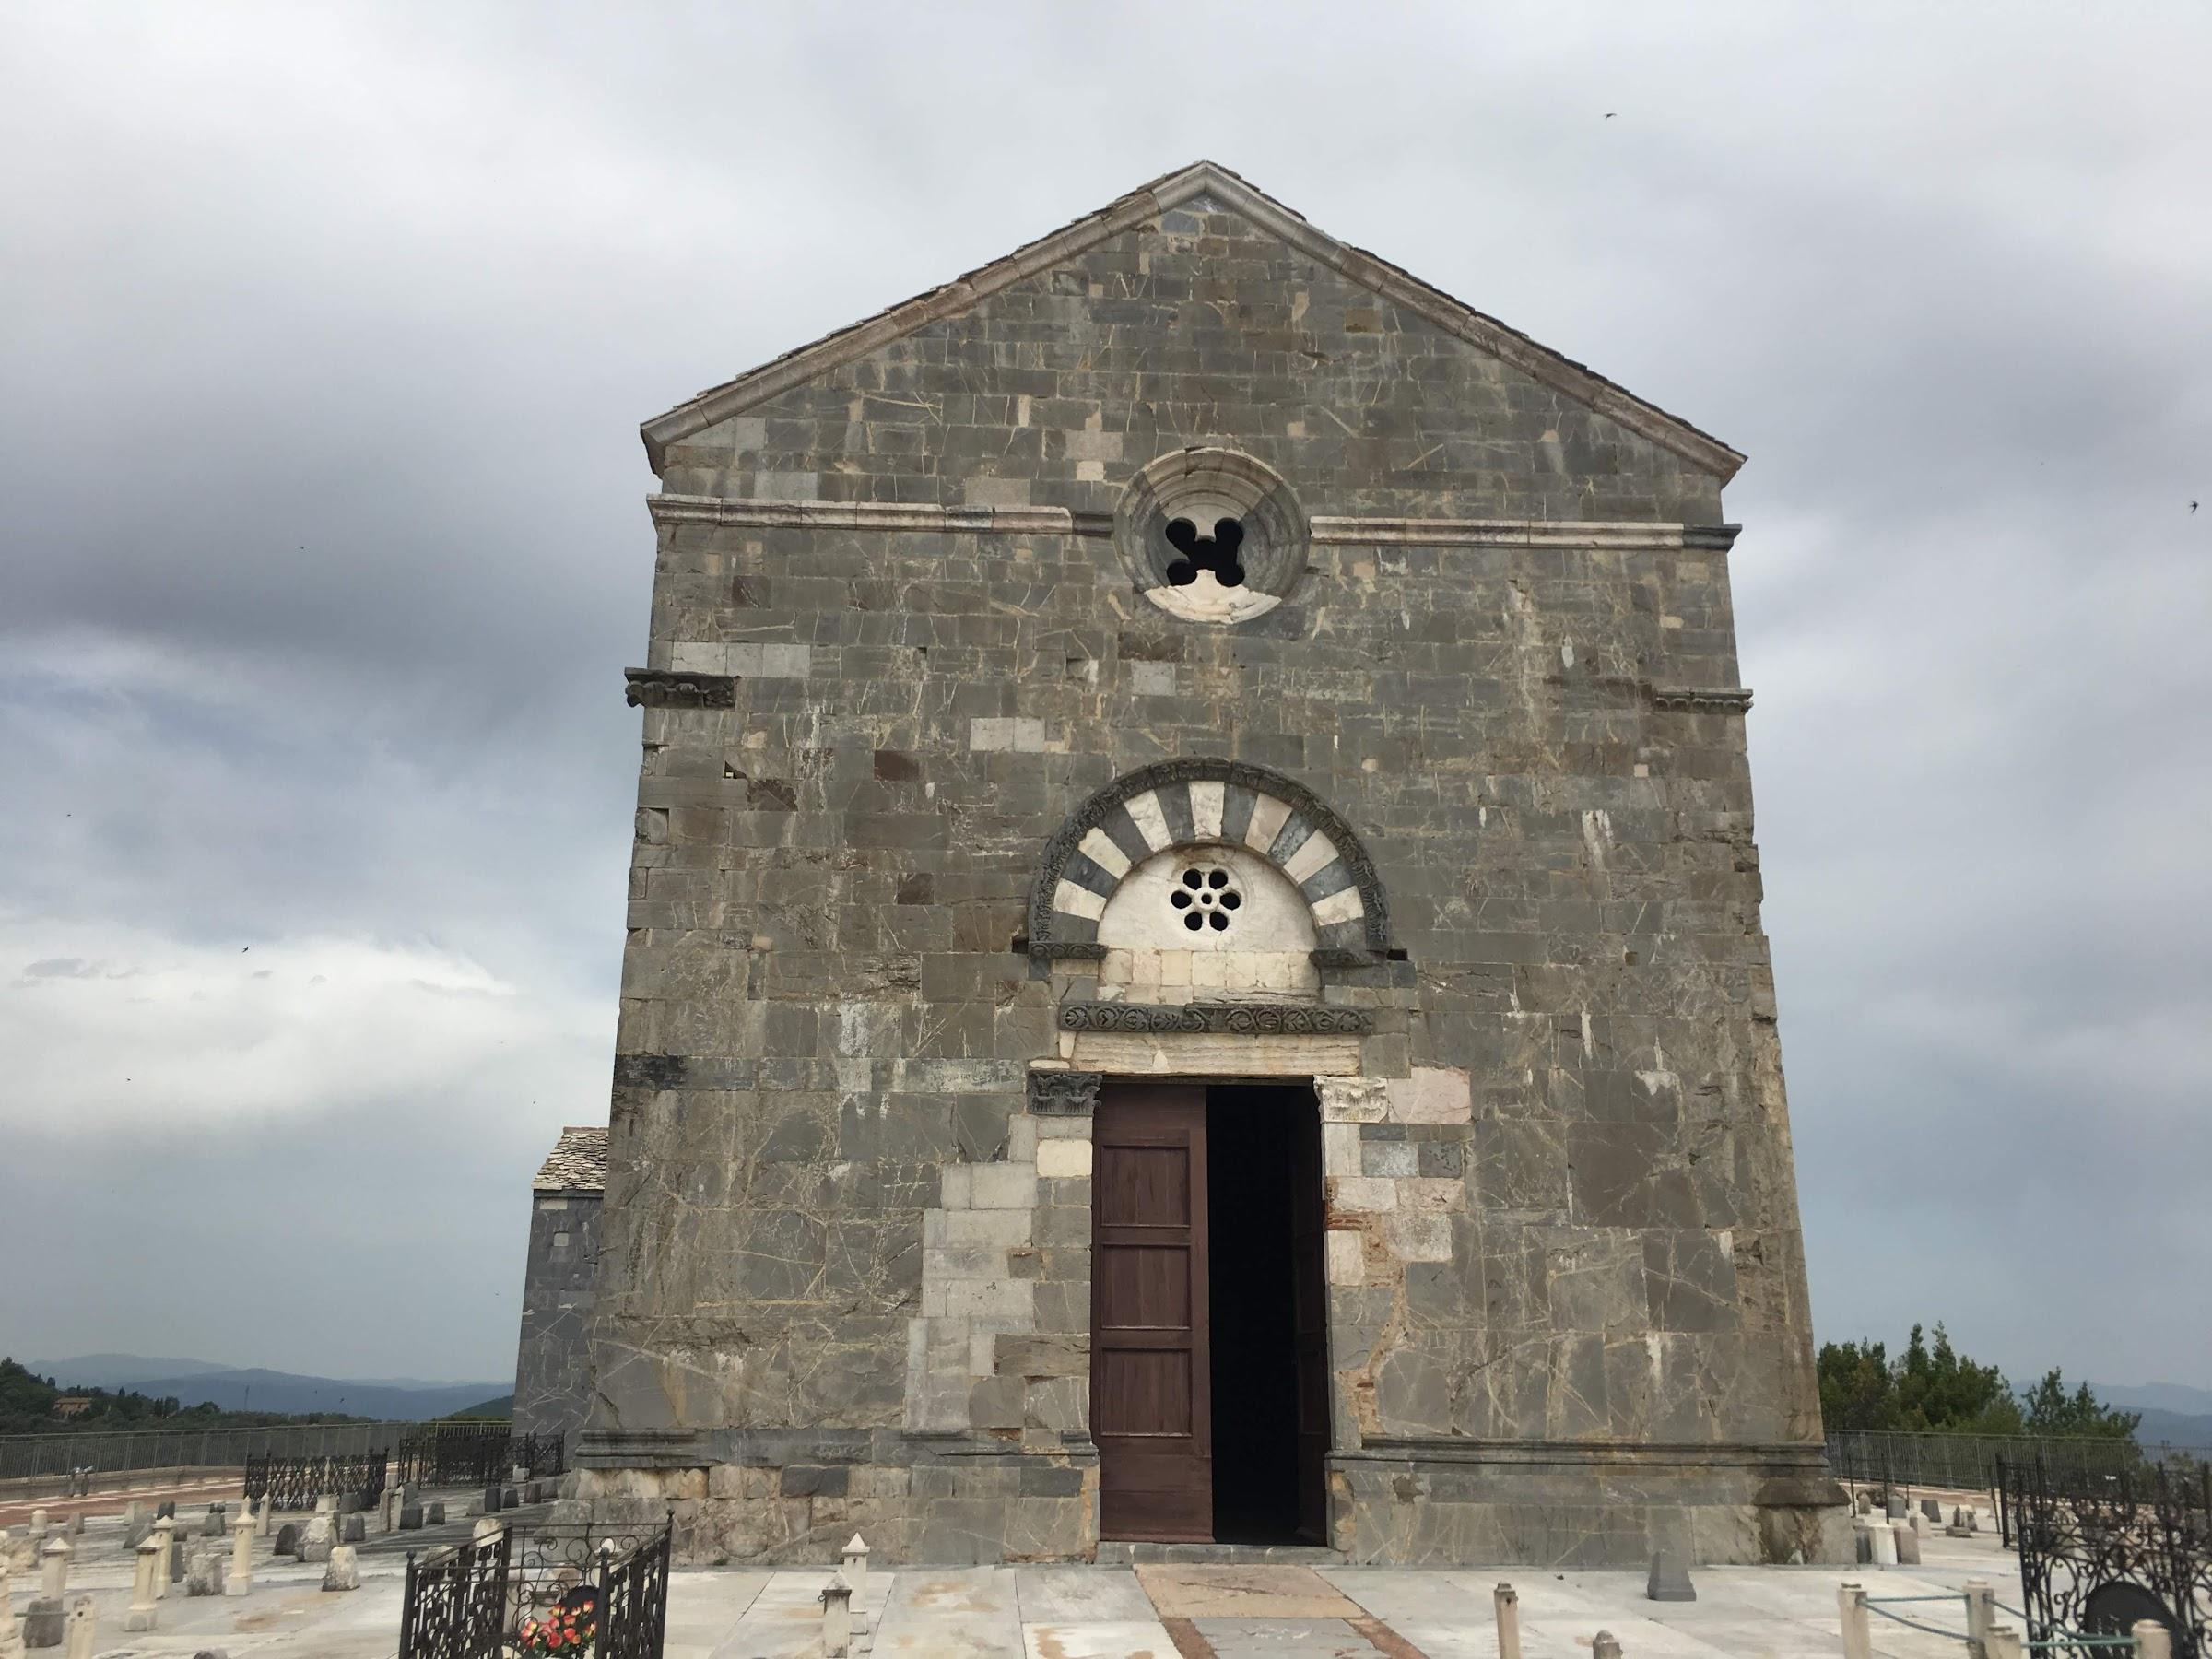 Facciata della Pieve di San Giovanni (Campiglia Marittima), cimitero di Campiglia Marittima